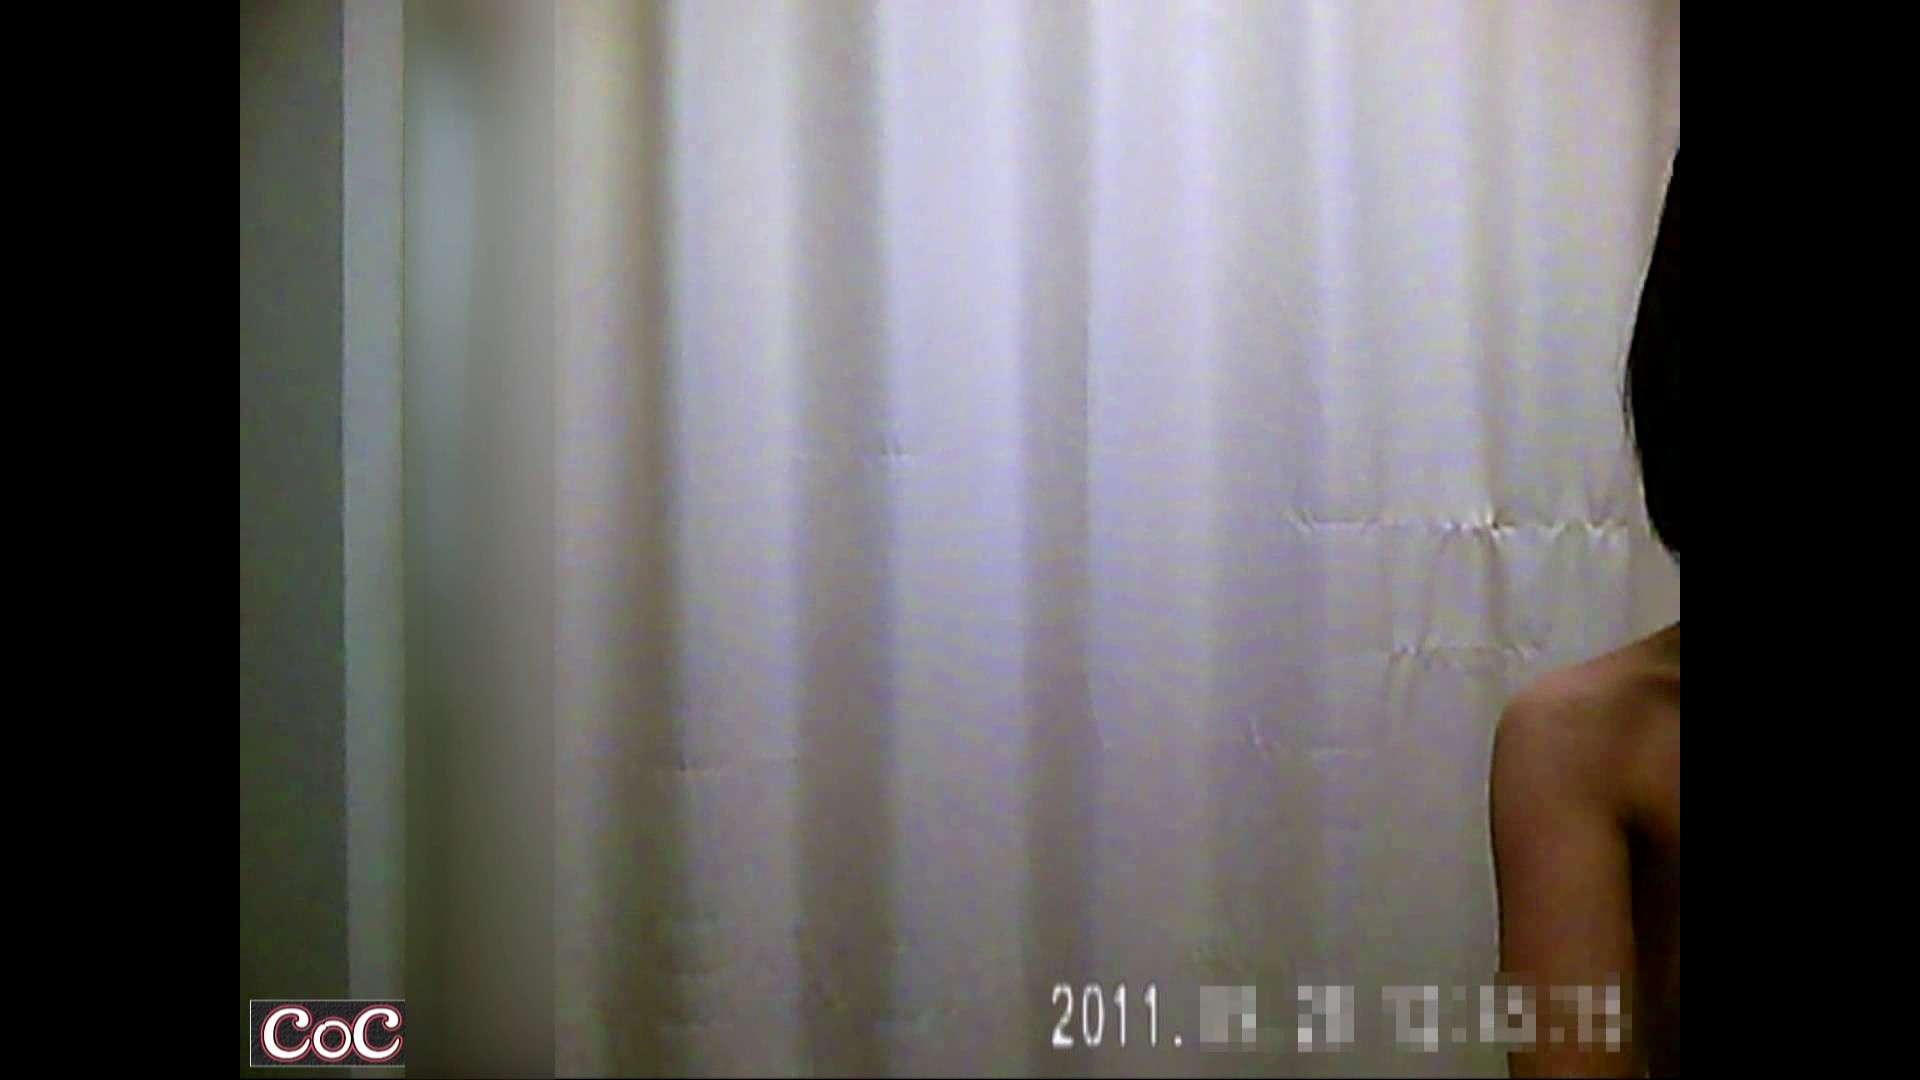 病院おもいっきり着替え! vol.41 巨乳 盗み撮りオマンコ動画キャプチャ 99画像 54